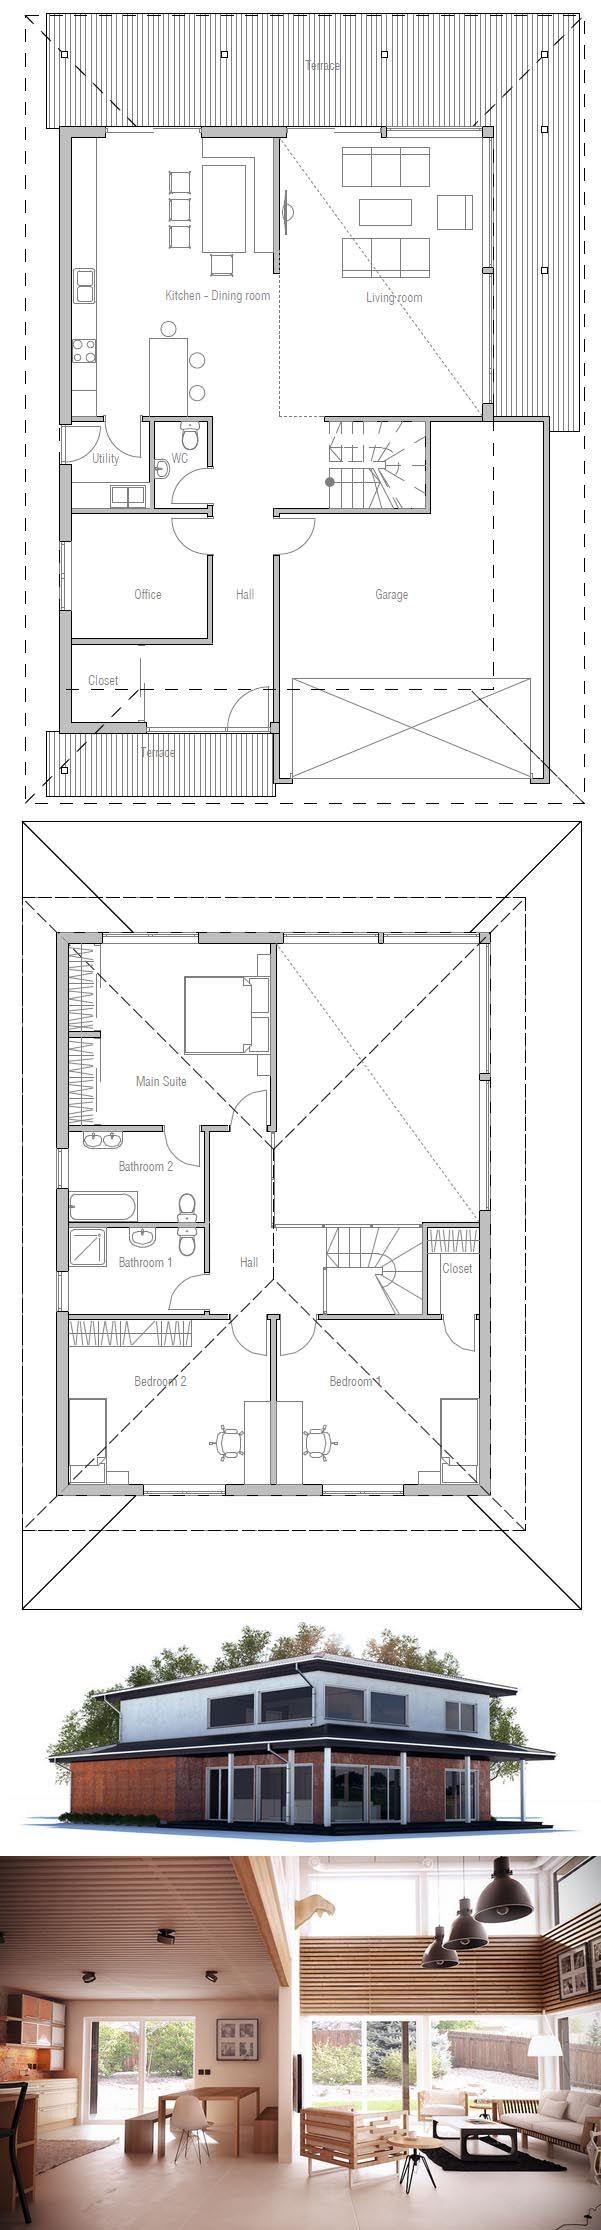 Best 25 modern house floor plans ideas on pinterest for Modern house design rules